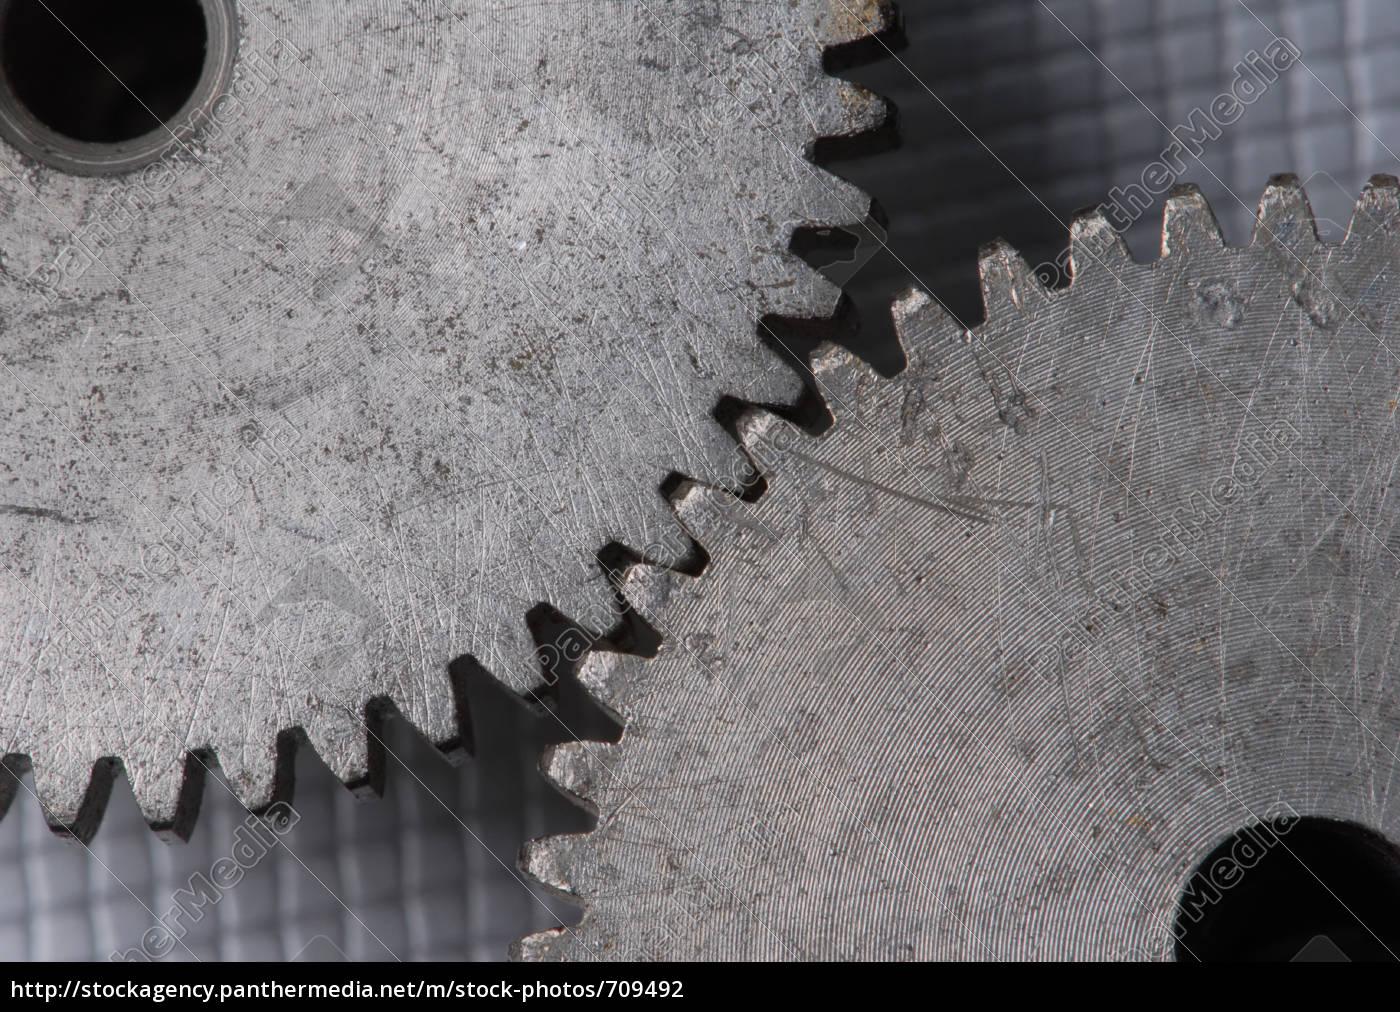 gears - 709492